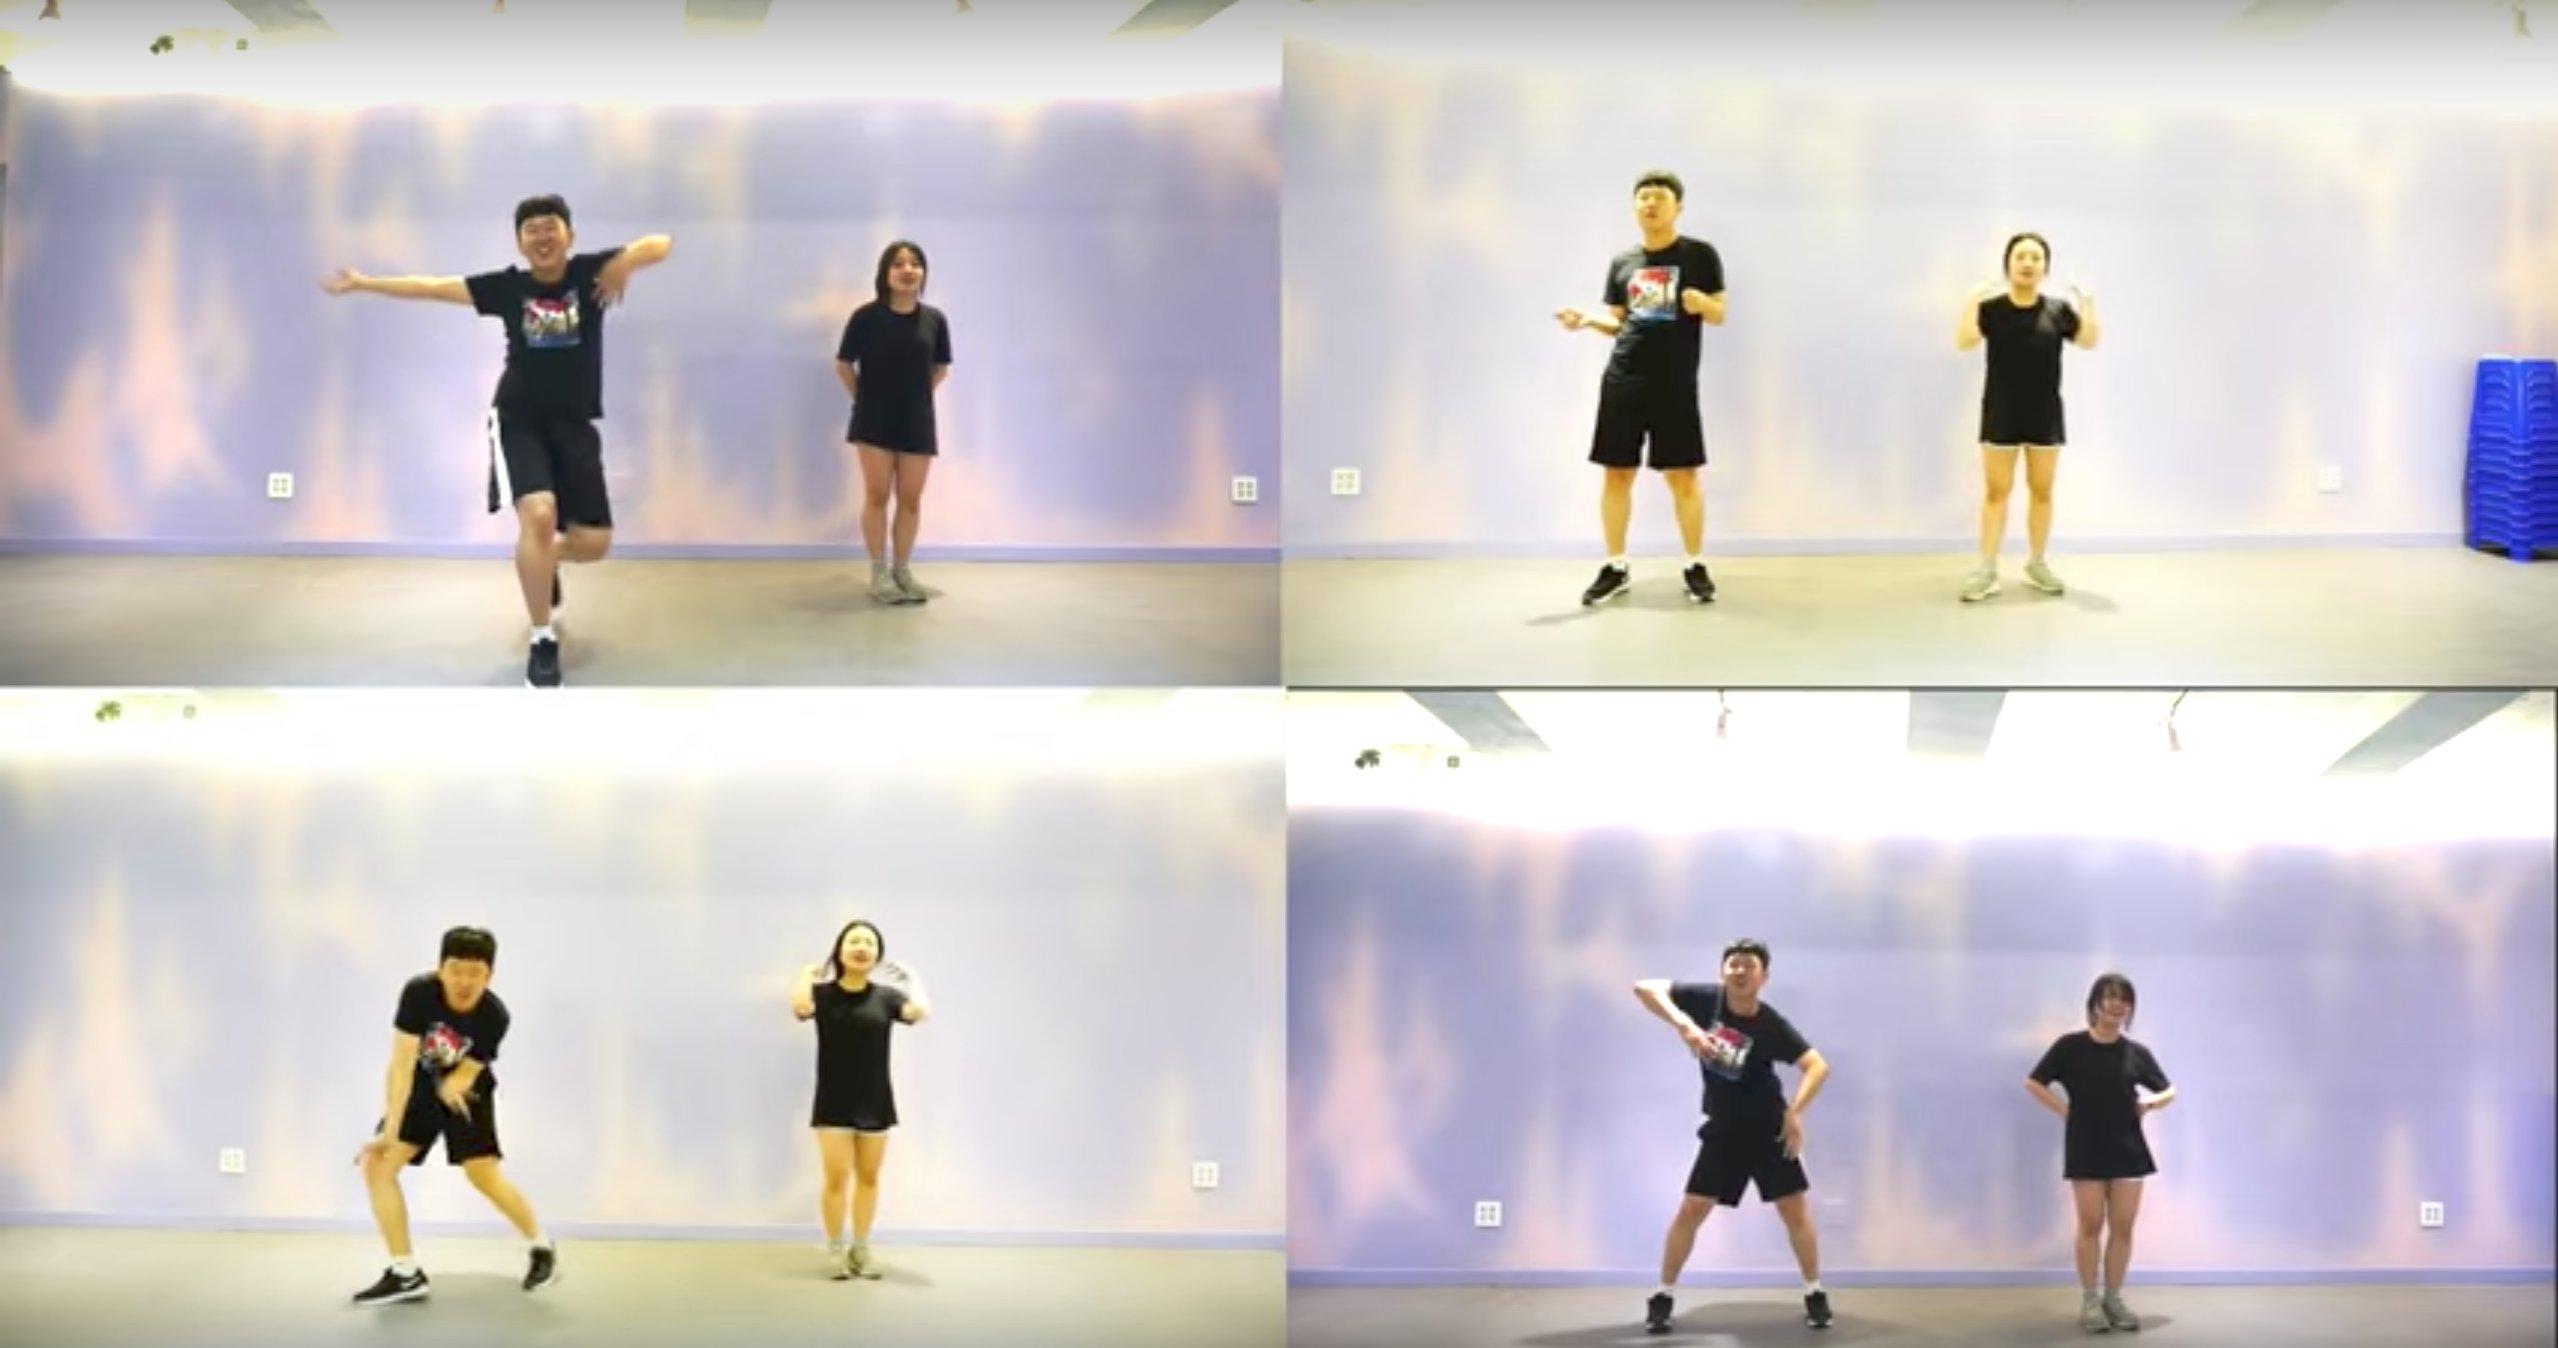 e89ea2e5b995e5bfabe785a7 2017 09 27 e4b88be58d886 20 21.png?resize=1200,630 - 3分鐘就腿軟!韓國情侶跳「2週瘦10kg」舞蹈爆紅,跳一次就讓你「累到叫媽!」